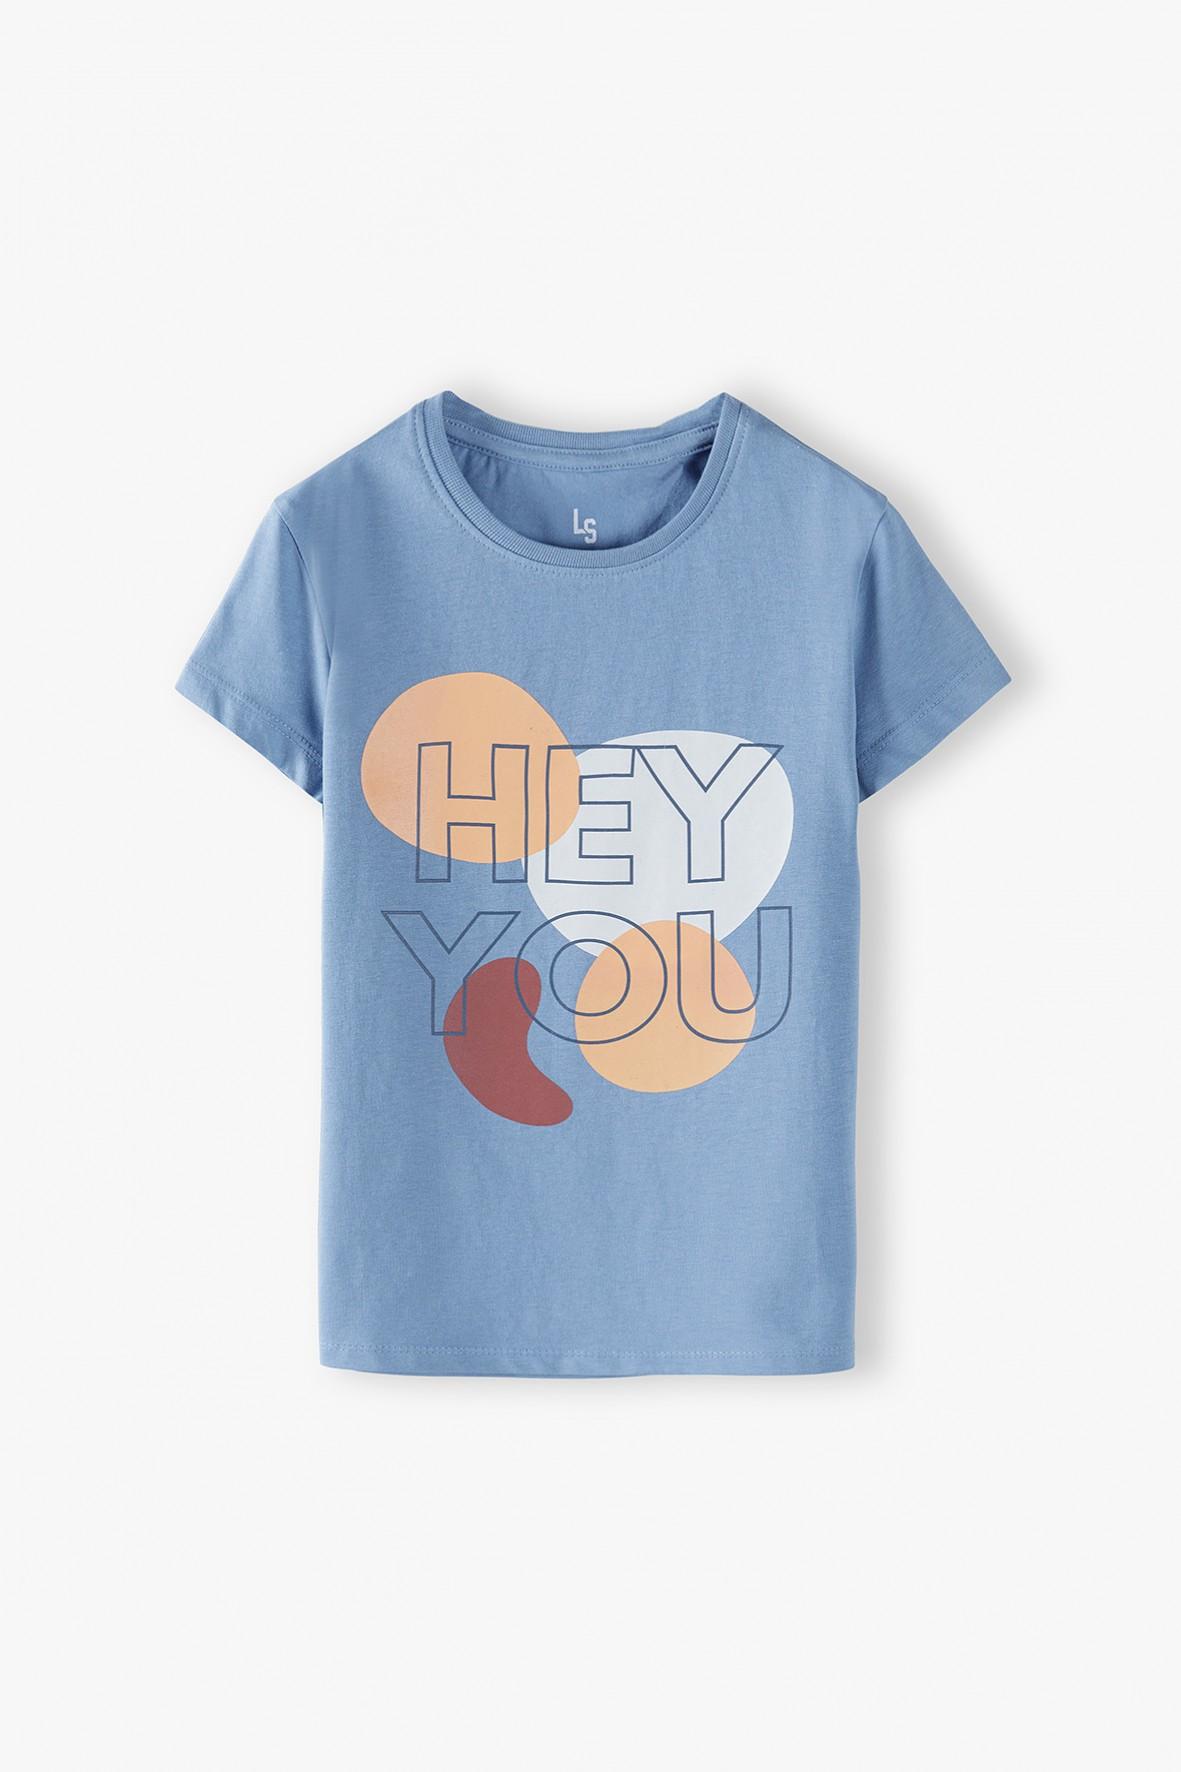 Bawełniany niebieski t-shirt dziewczęcy z napisem Hey You